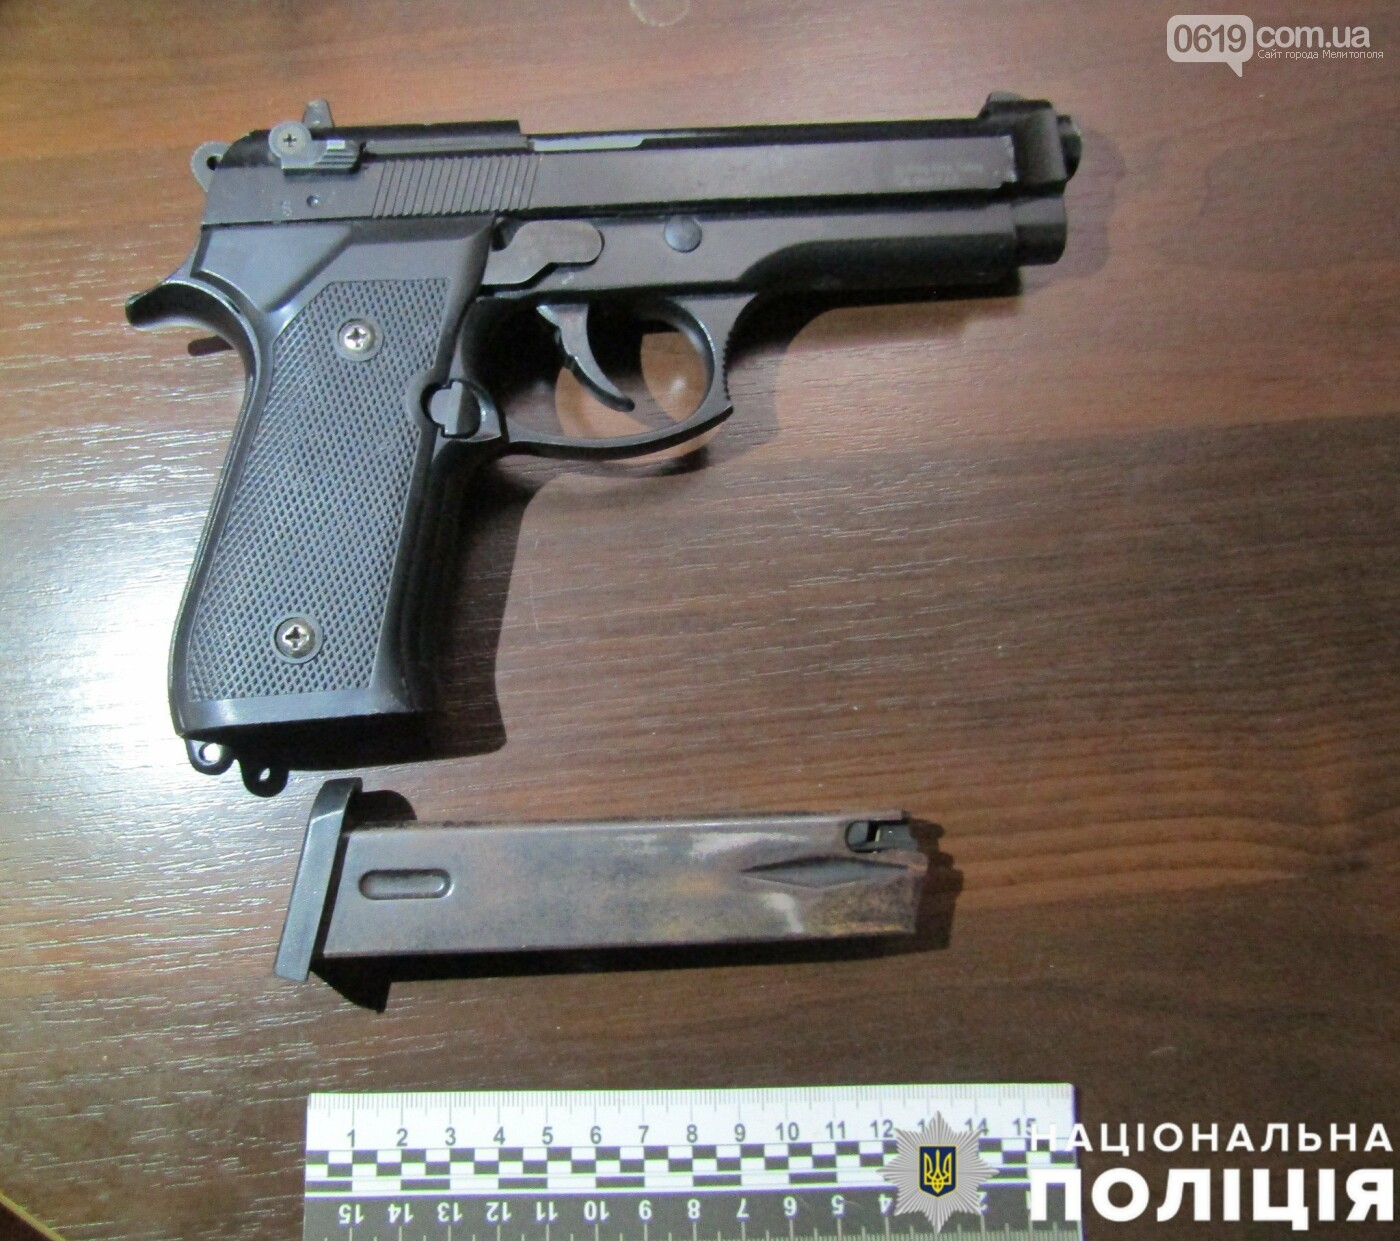 В Мелитополе мужчина угрожал матери, полицейские изъяли у него пистолет и патроны, фото-2